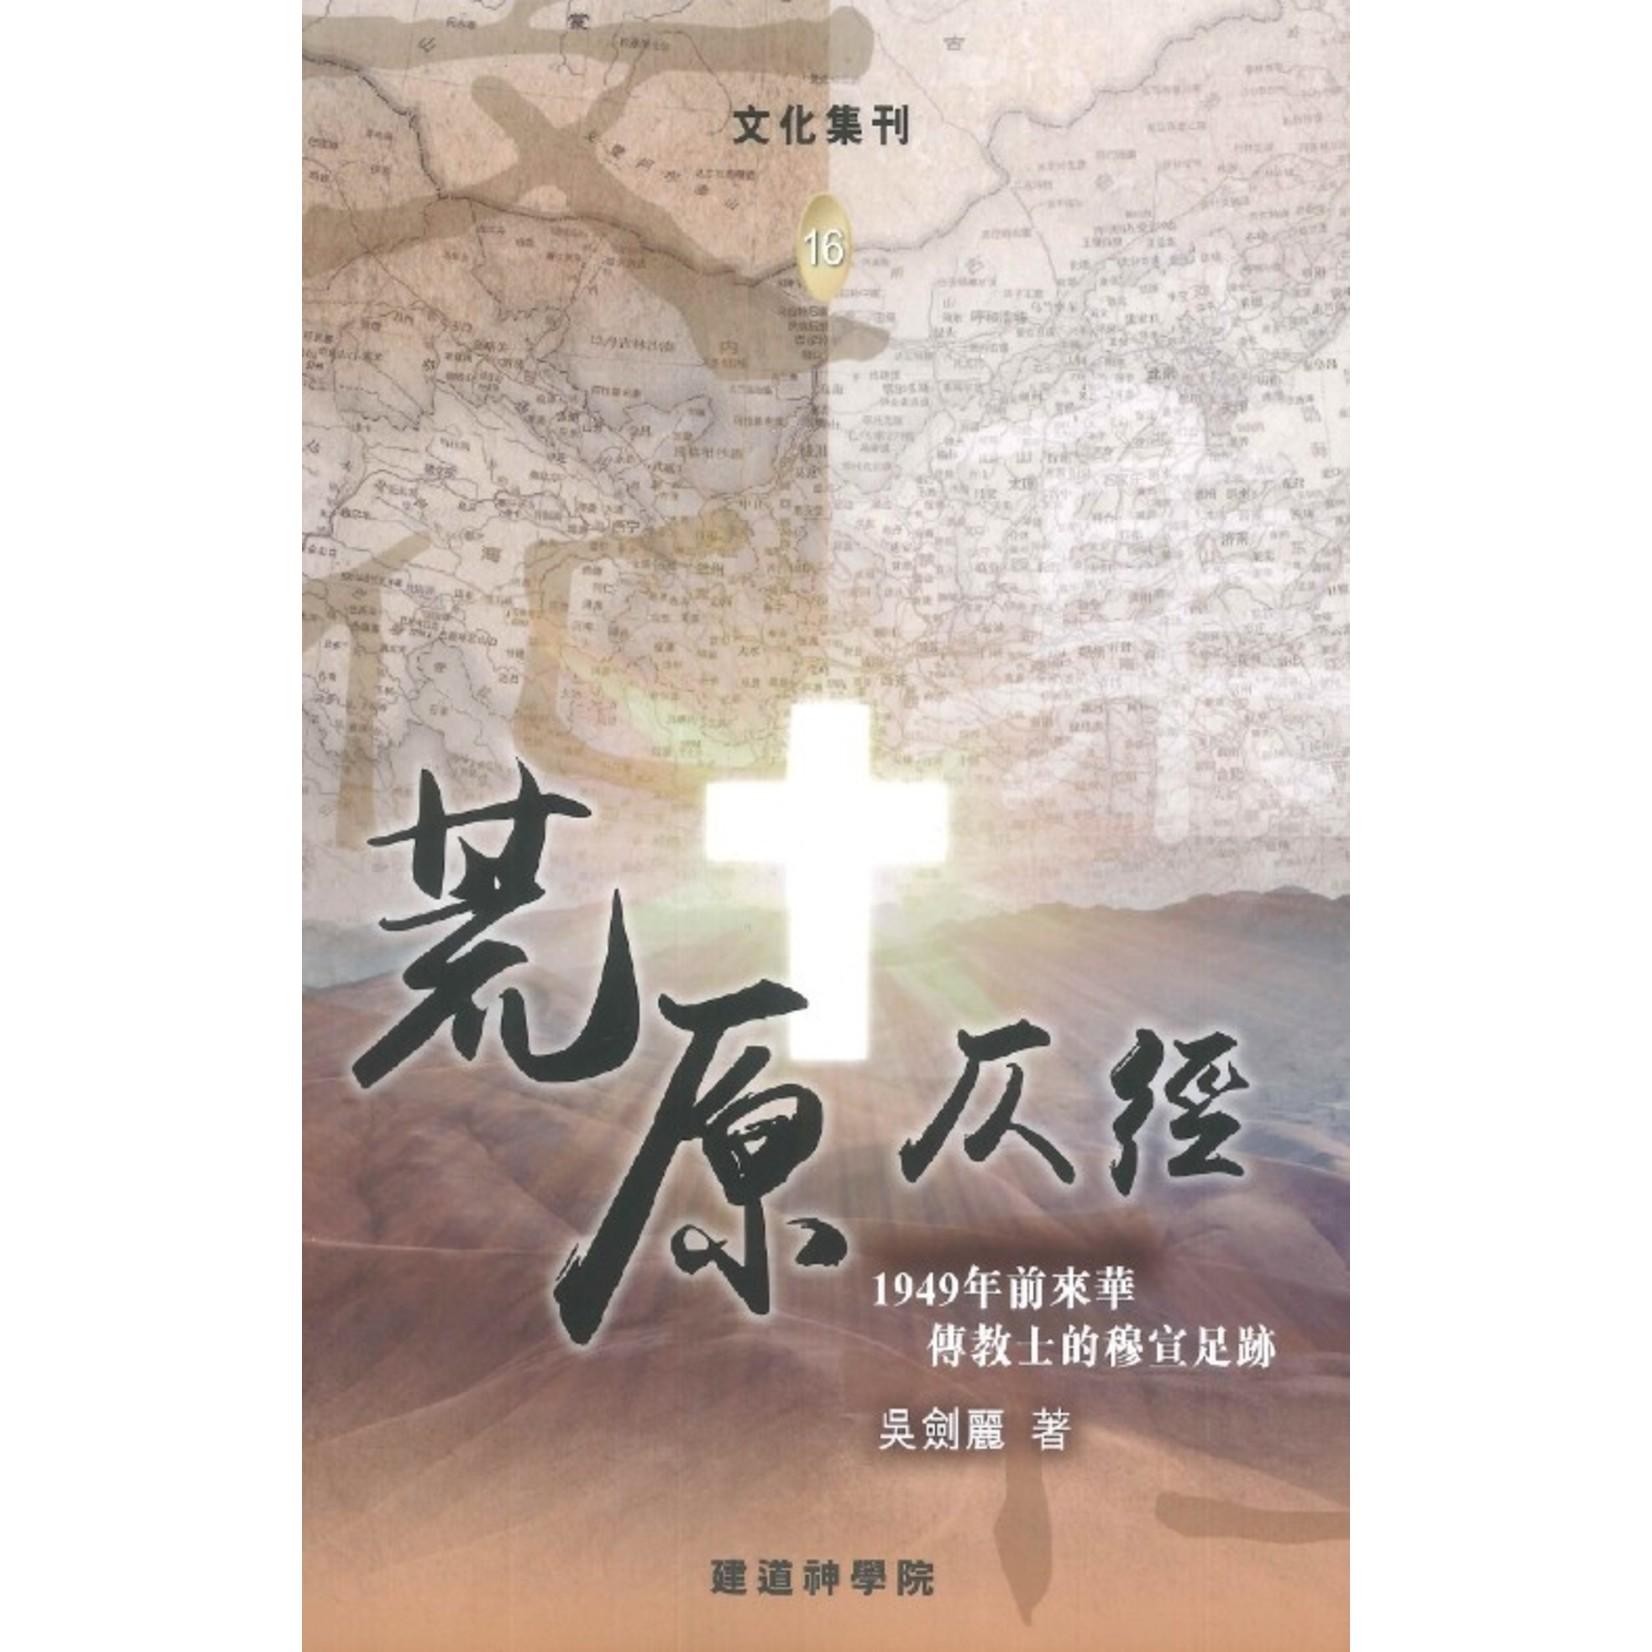 建道神學院 Alliance Bible Seminary 荒原仄徑:1949年前來華傳教士的穆宣足跡